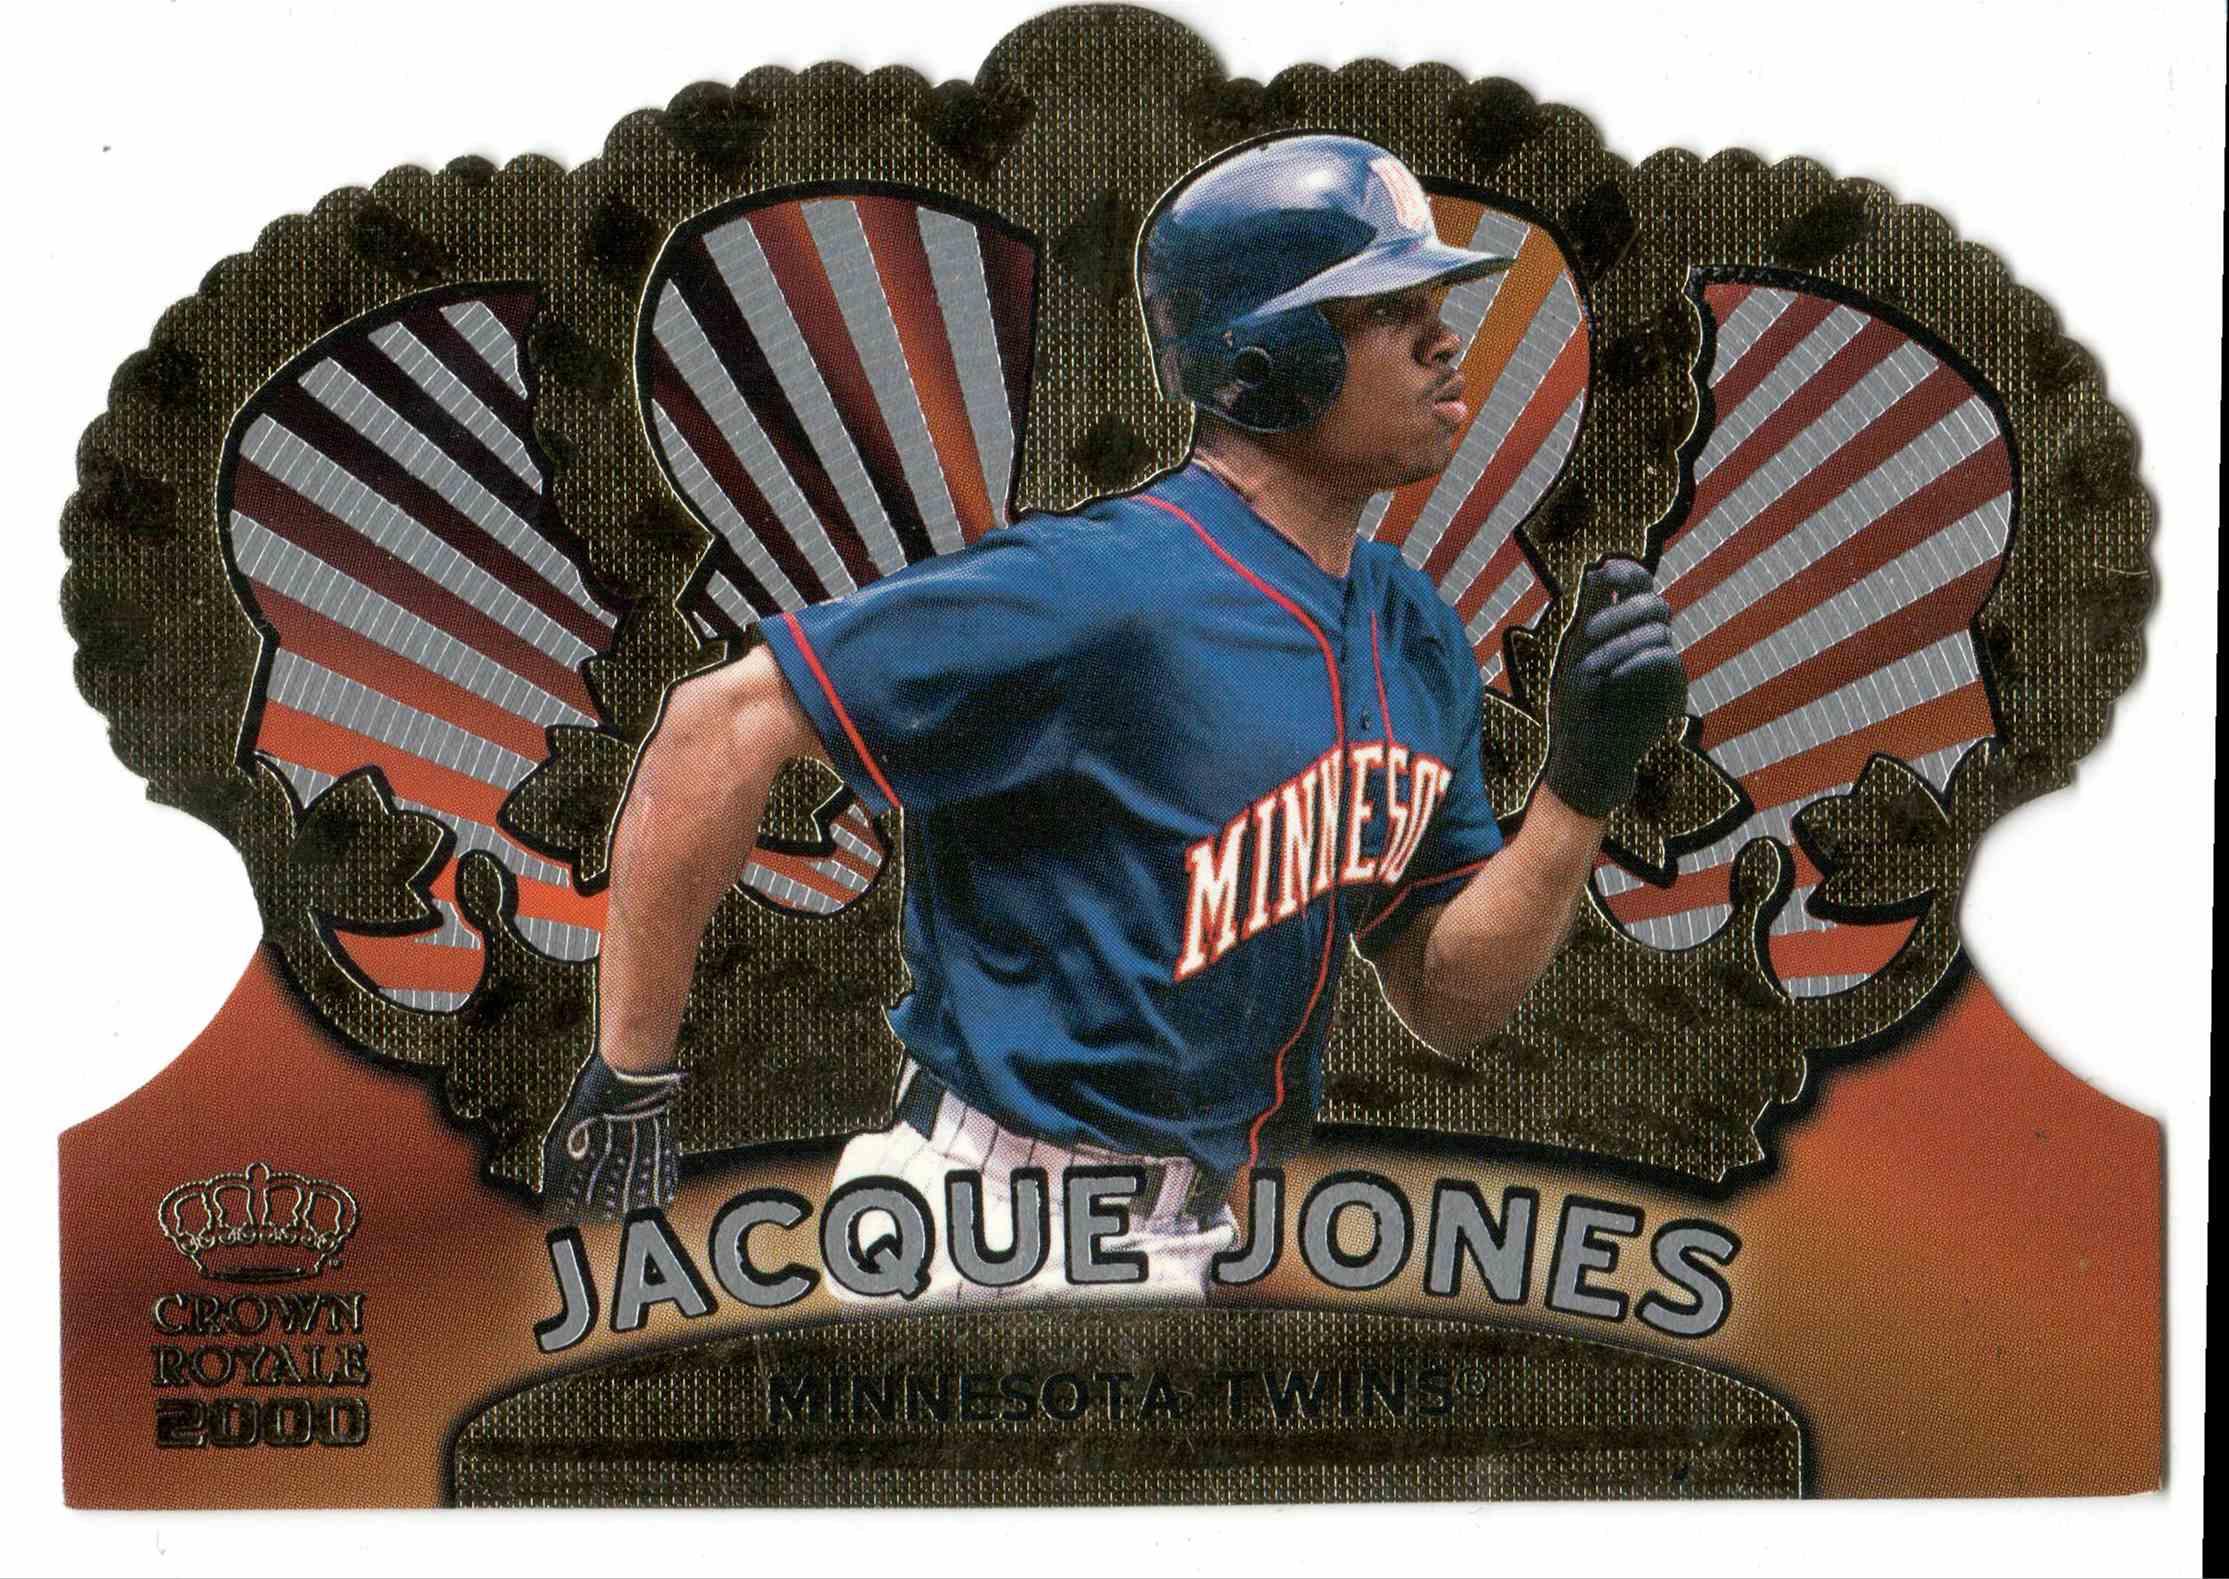 2000 Pacific Crown Royale Jacque Jones #78 card front image